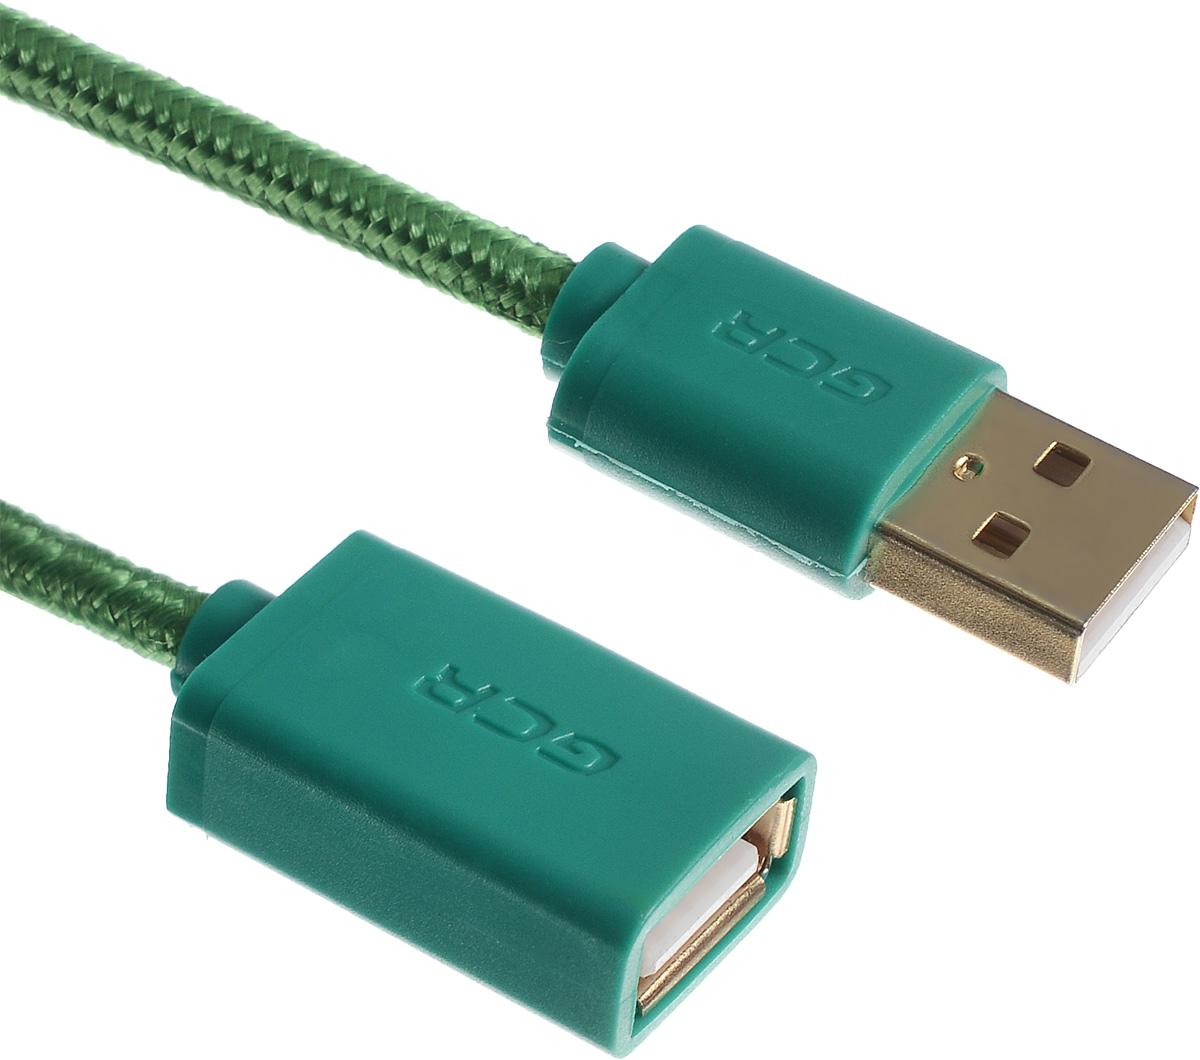 Greenconnect Russia GCR-UEC8M5-BB2SG, Green удлинитель USB 2.0 (2 м)GCR-UEC8M5-BB2SG-2.0mКабель-удлинитель USB 2.0 Greenconnect Russia GCR-UEC8M5-BB2SG позволит увеличить расстояние до подключаемого устройства. Может быть использован с различными USB девайсами. Экранирование кабеля защищает сигнал при передаче от влияния внешних полей, способных создать помехи.